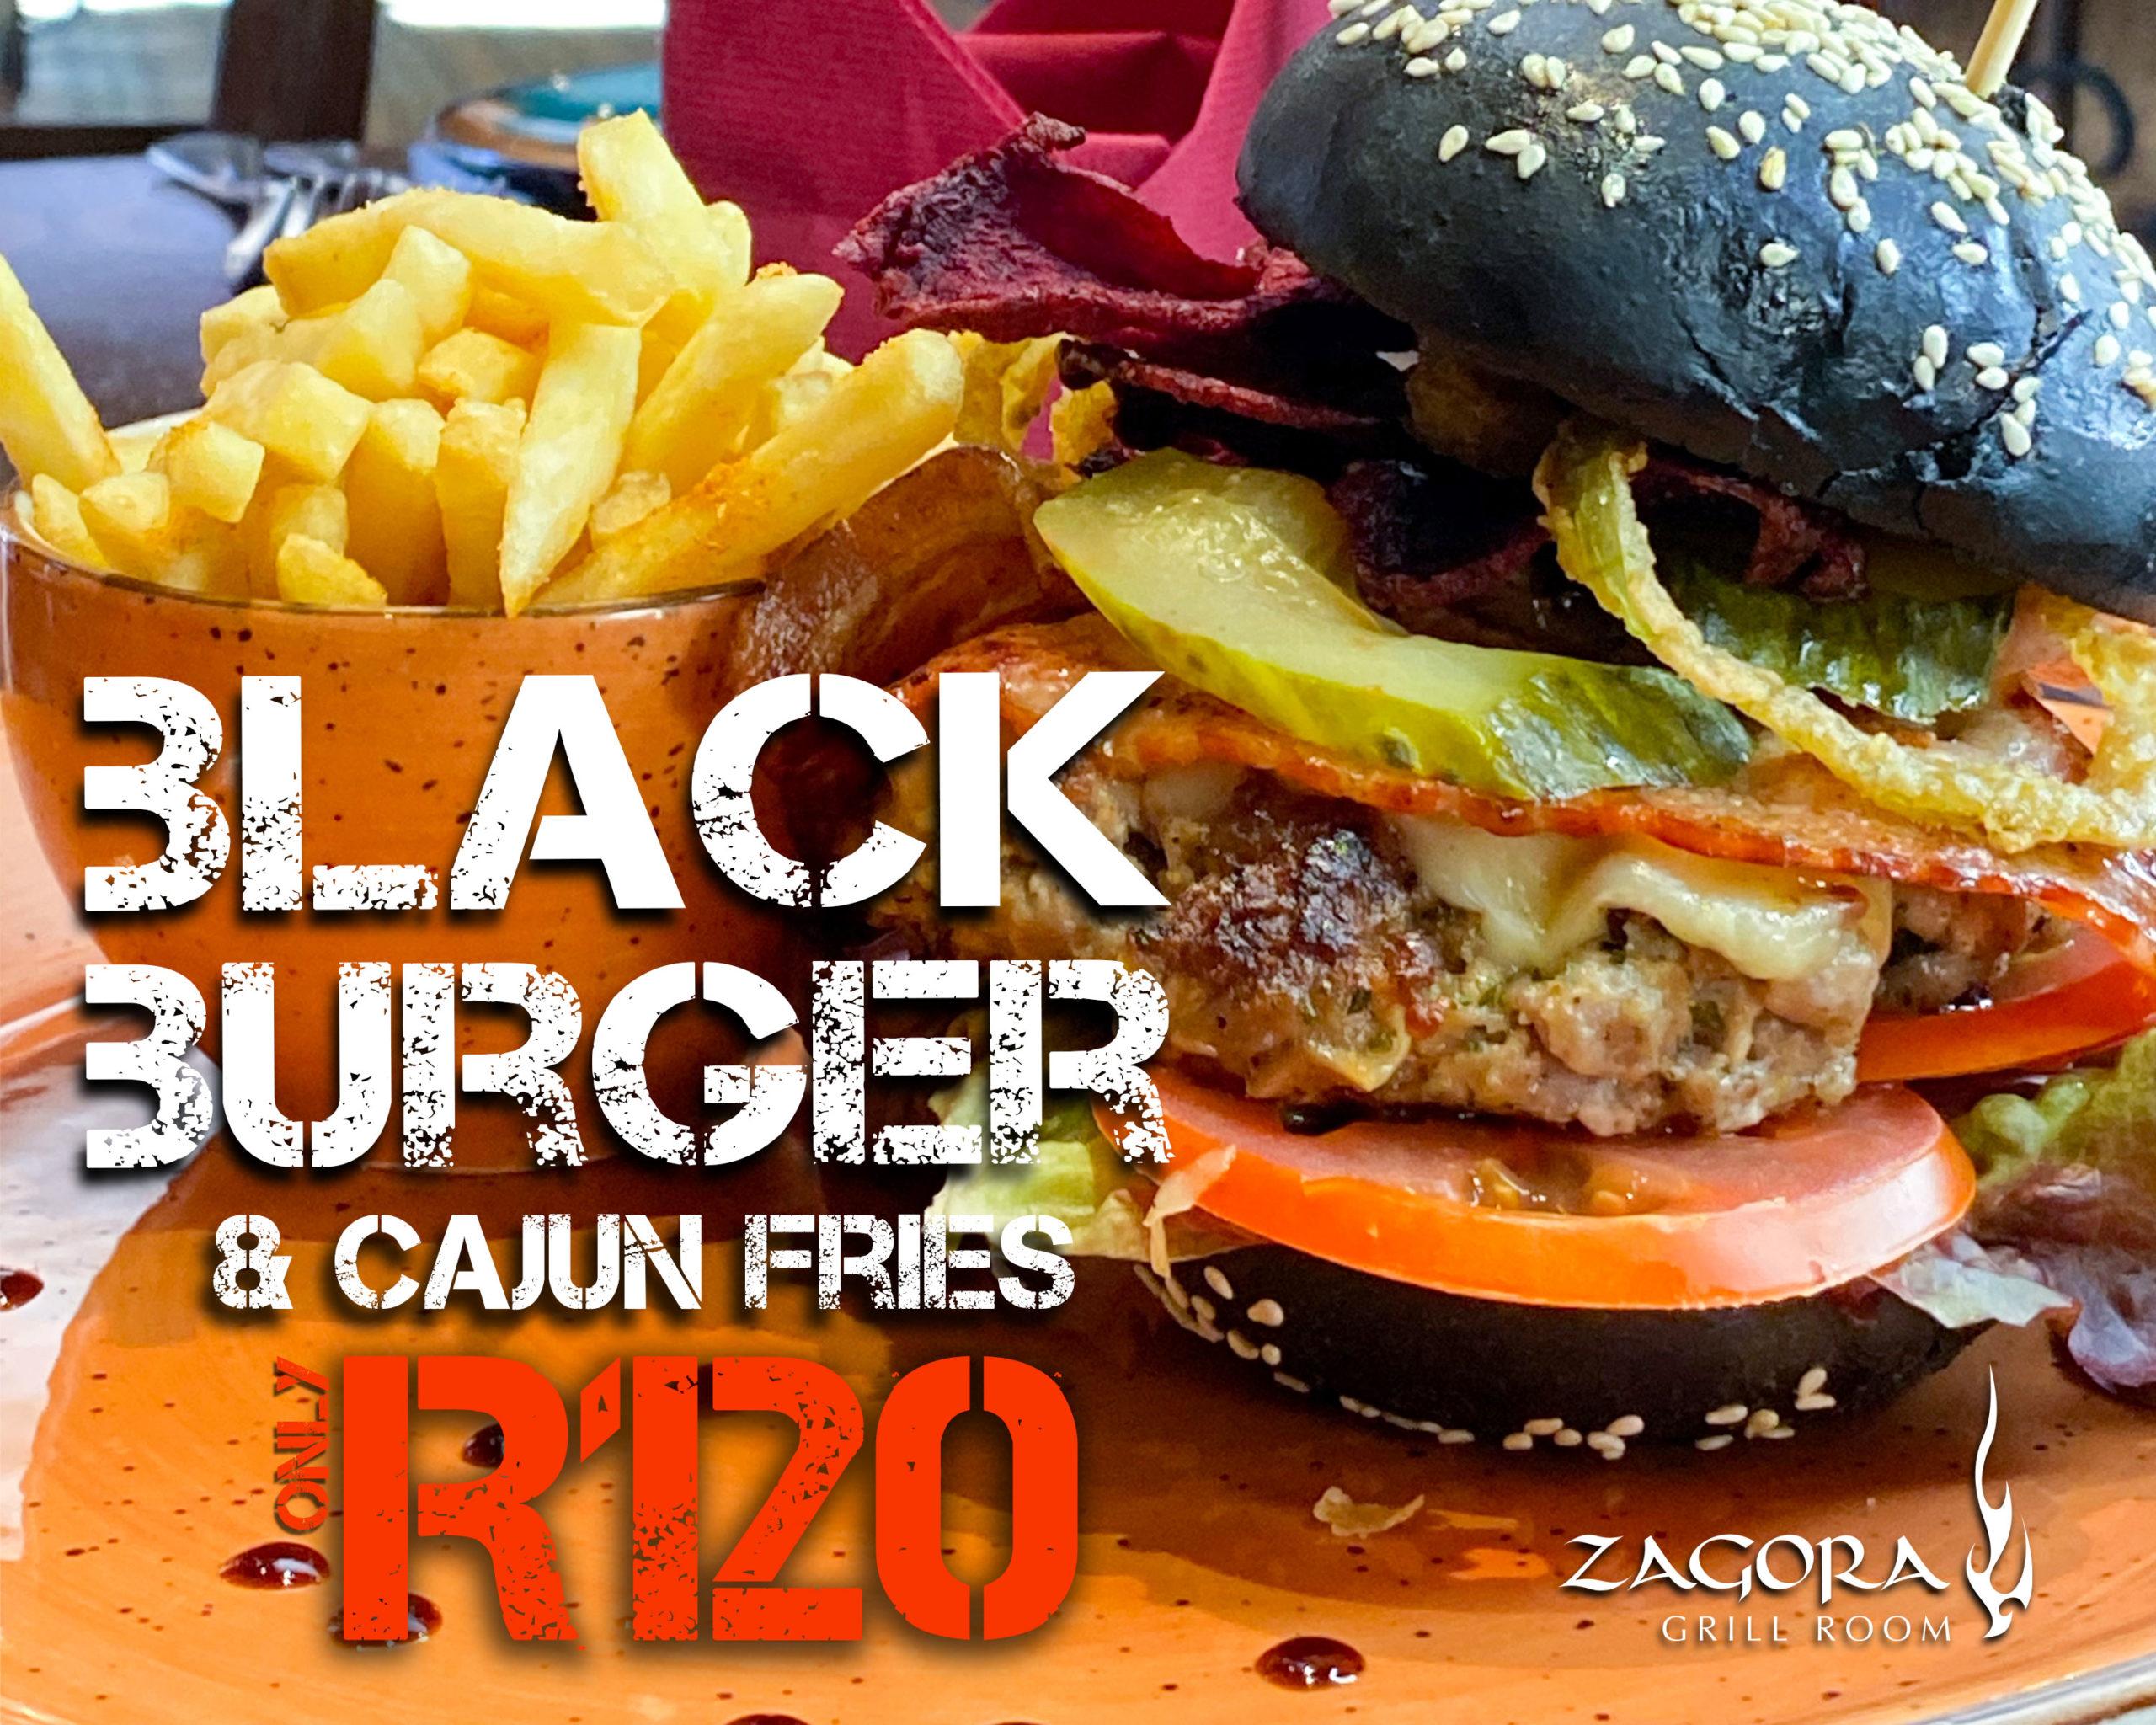 Zagora Black Burger